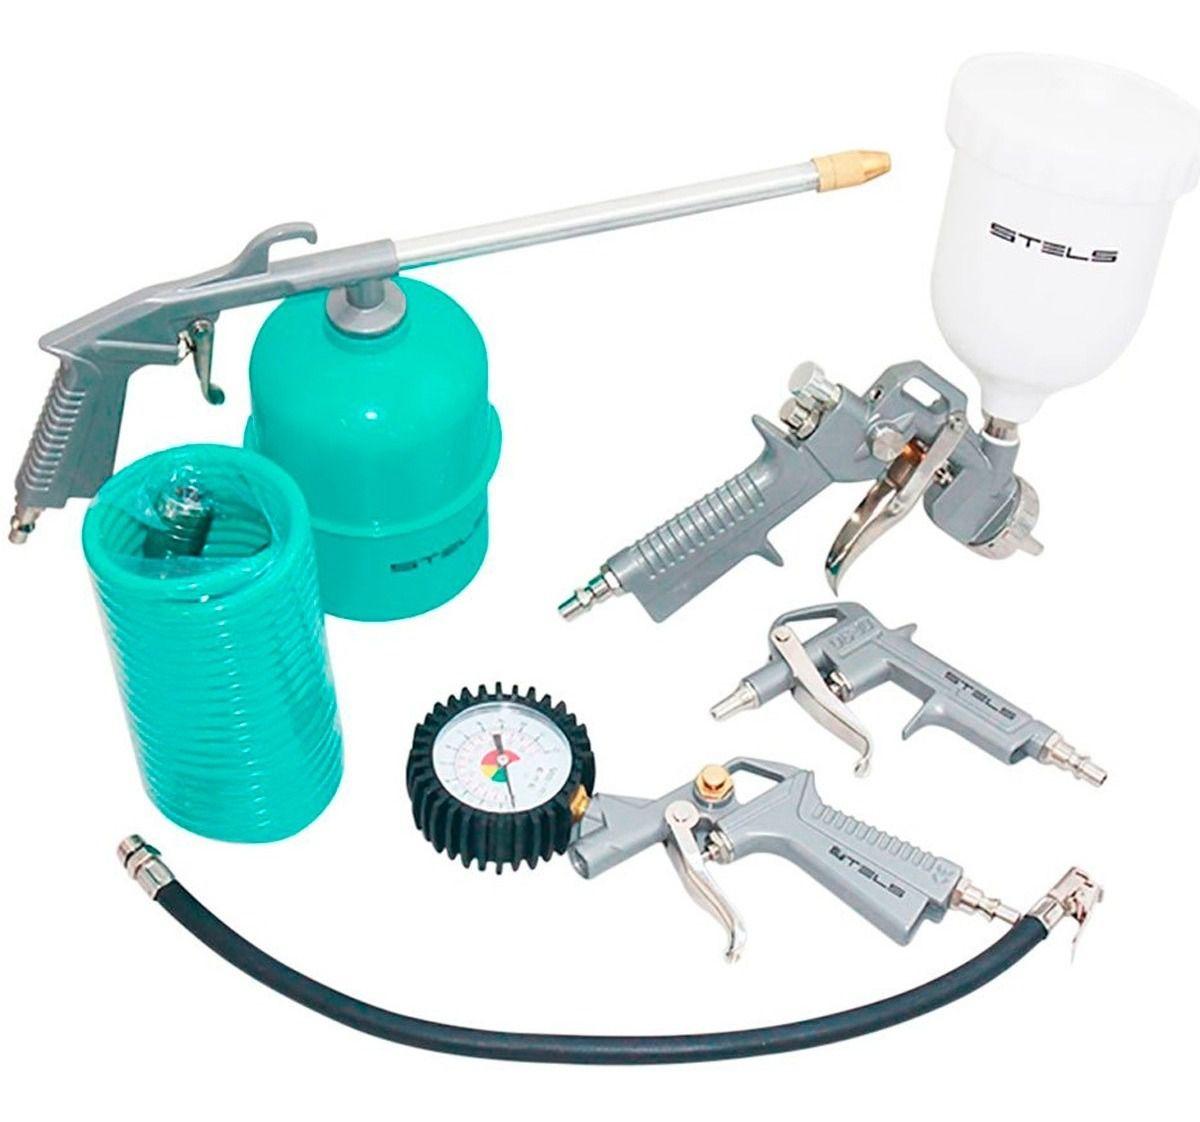 KIT Compressor de Ar C/ 5 unidades 5730455 Stels